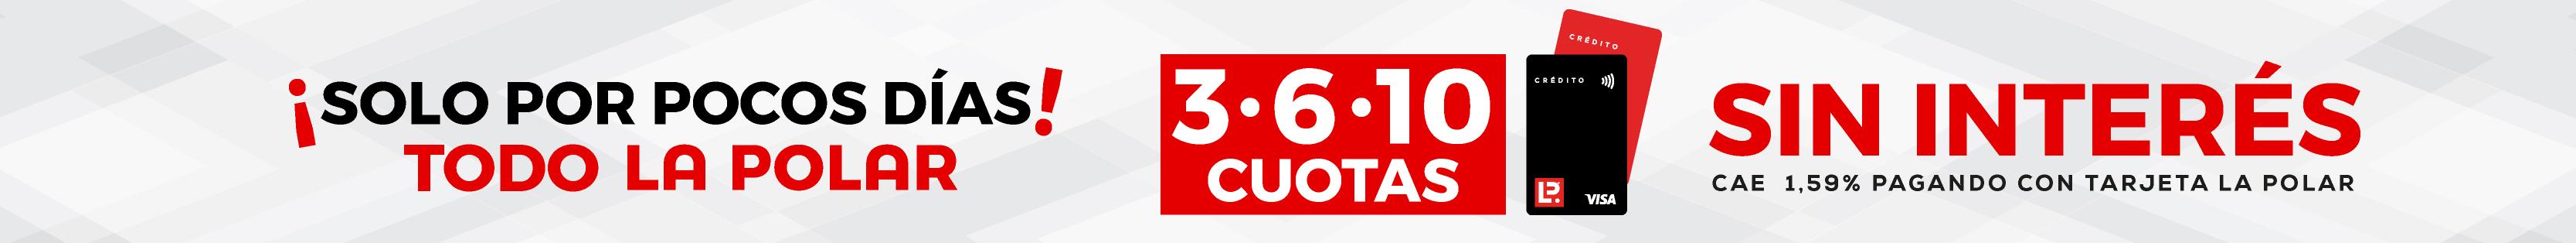 3, 6, 10 Cuotas